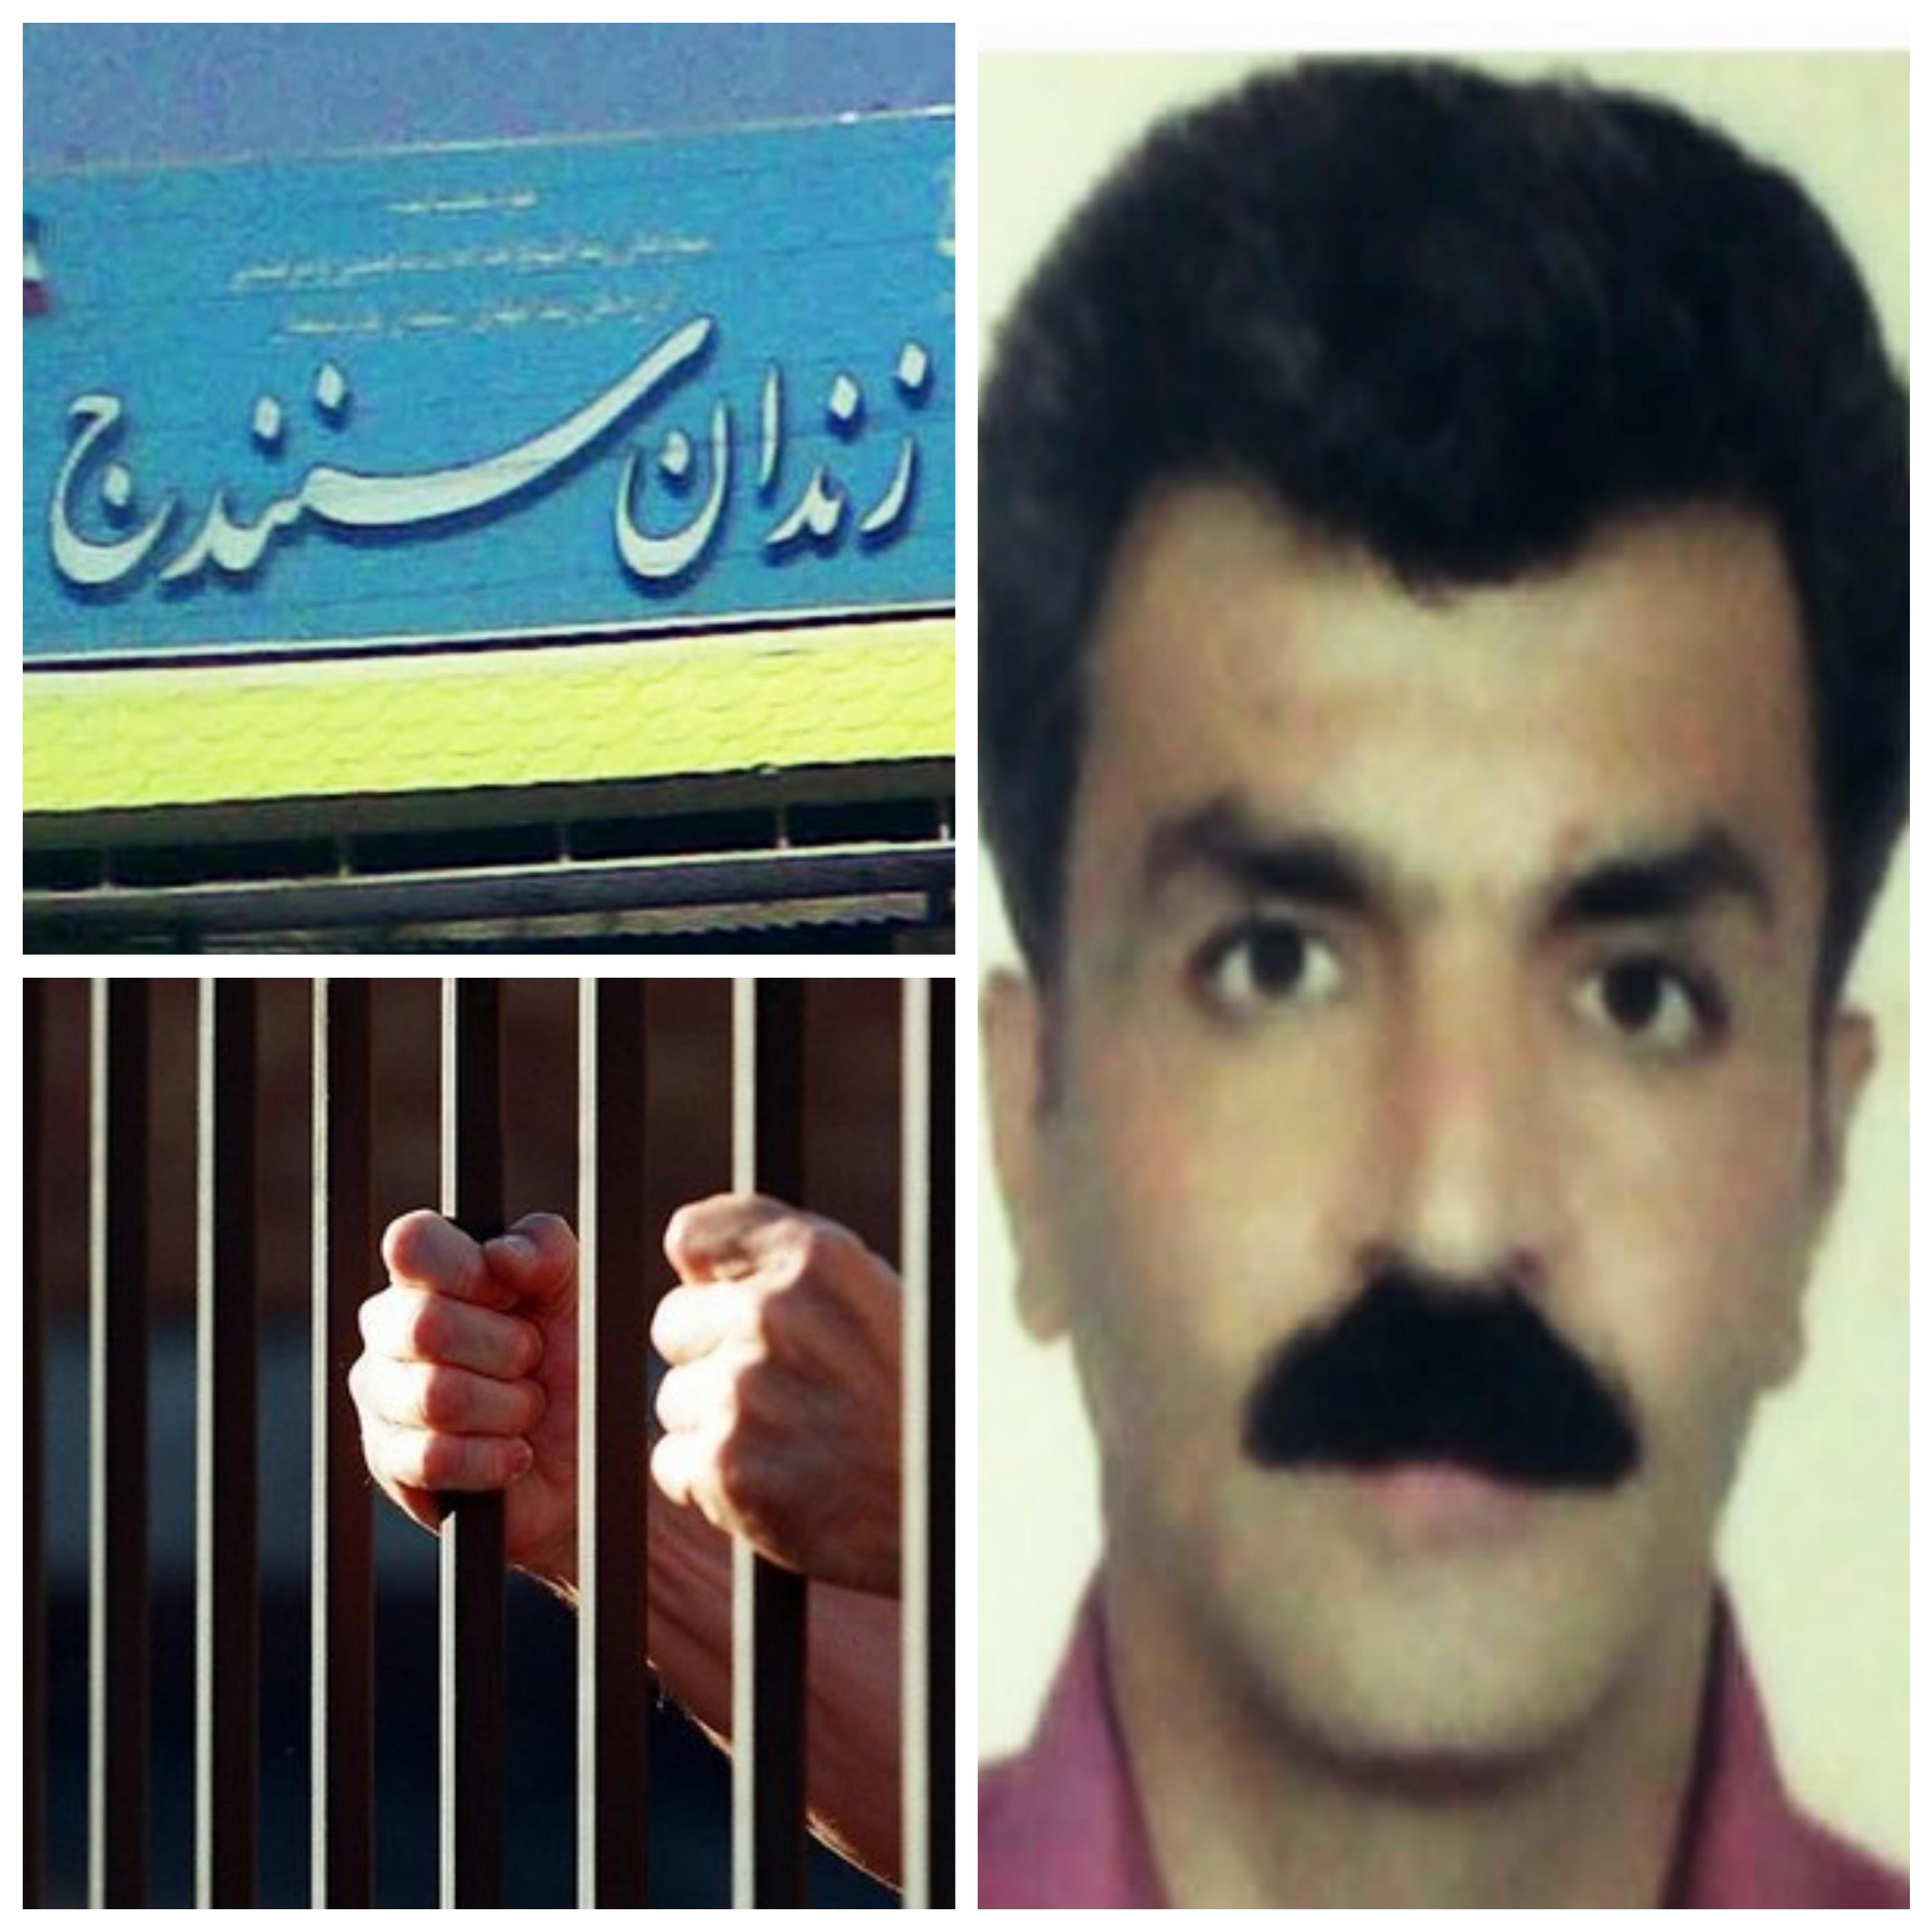 مخالفت با مرخصی و آزادی مشروط جهاندار محمدی در دهمین سال حبس